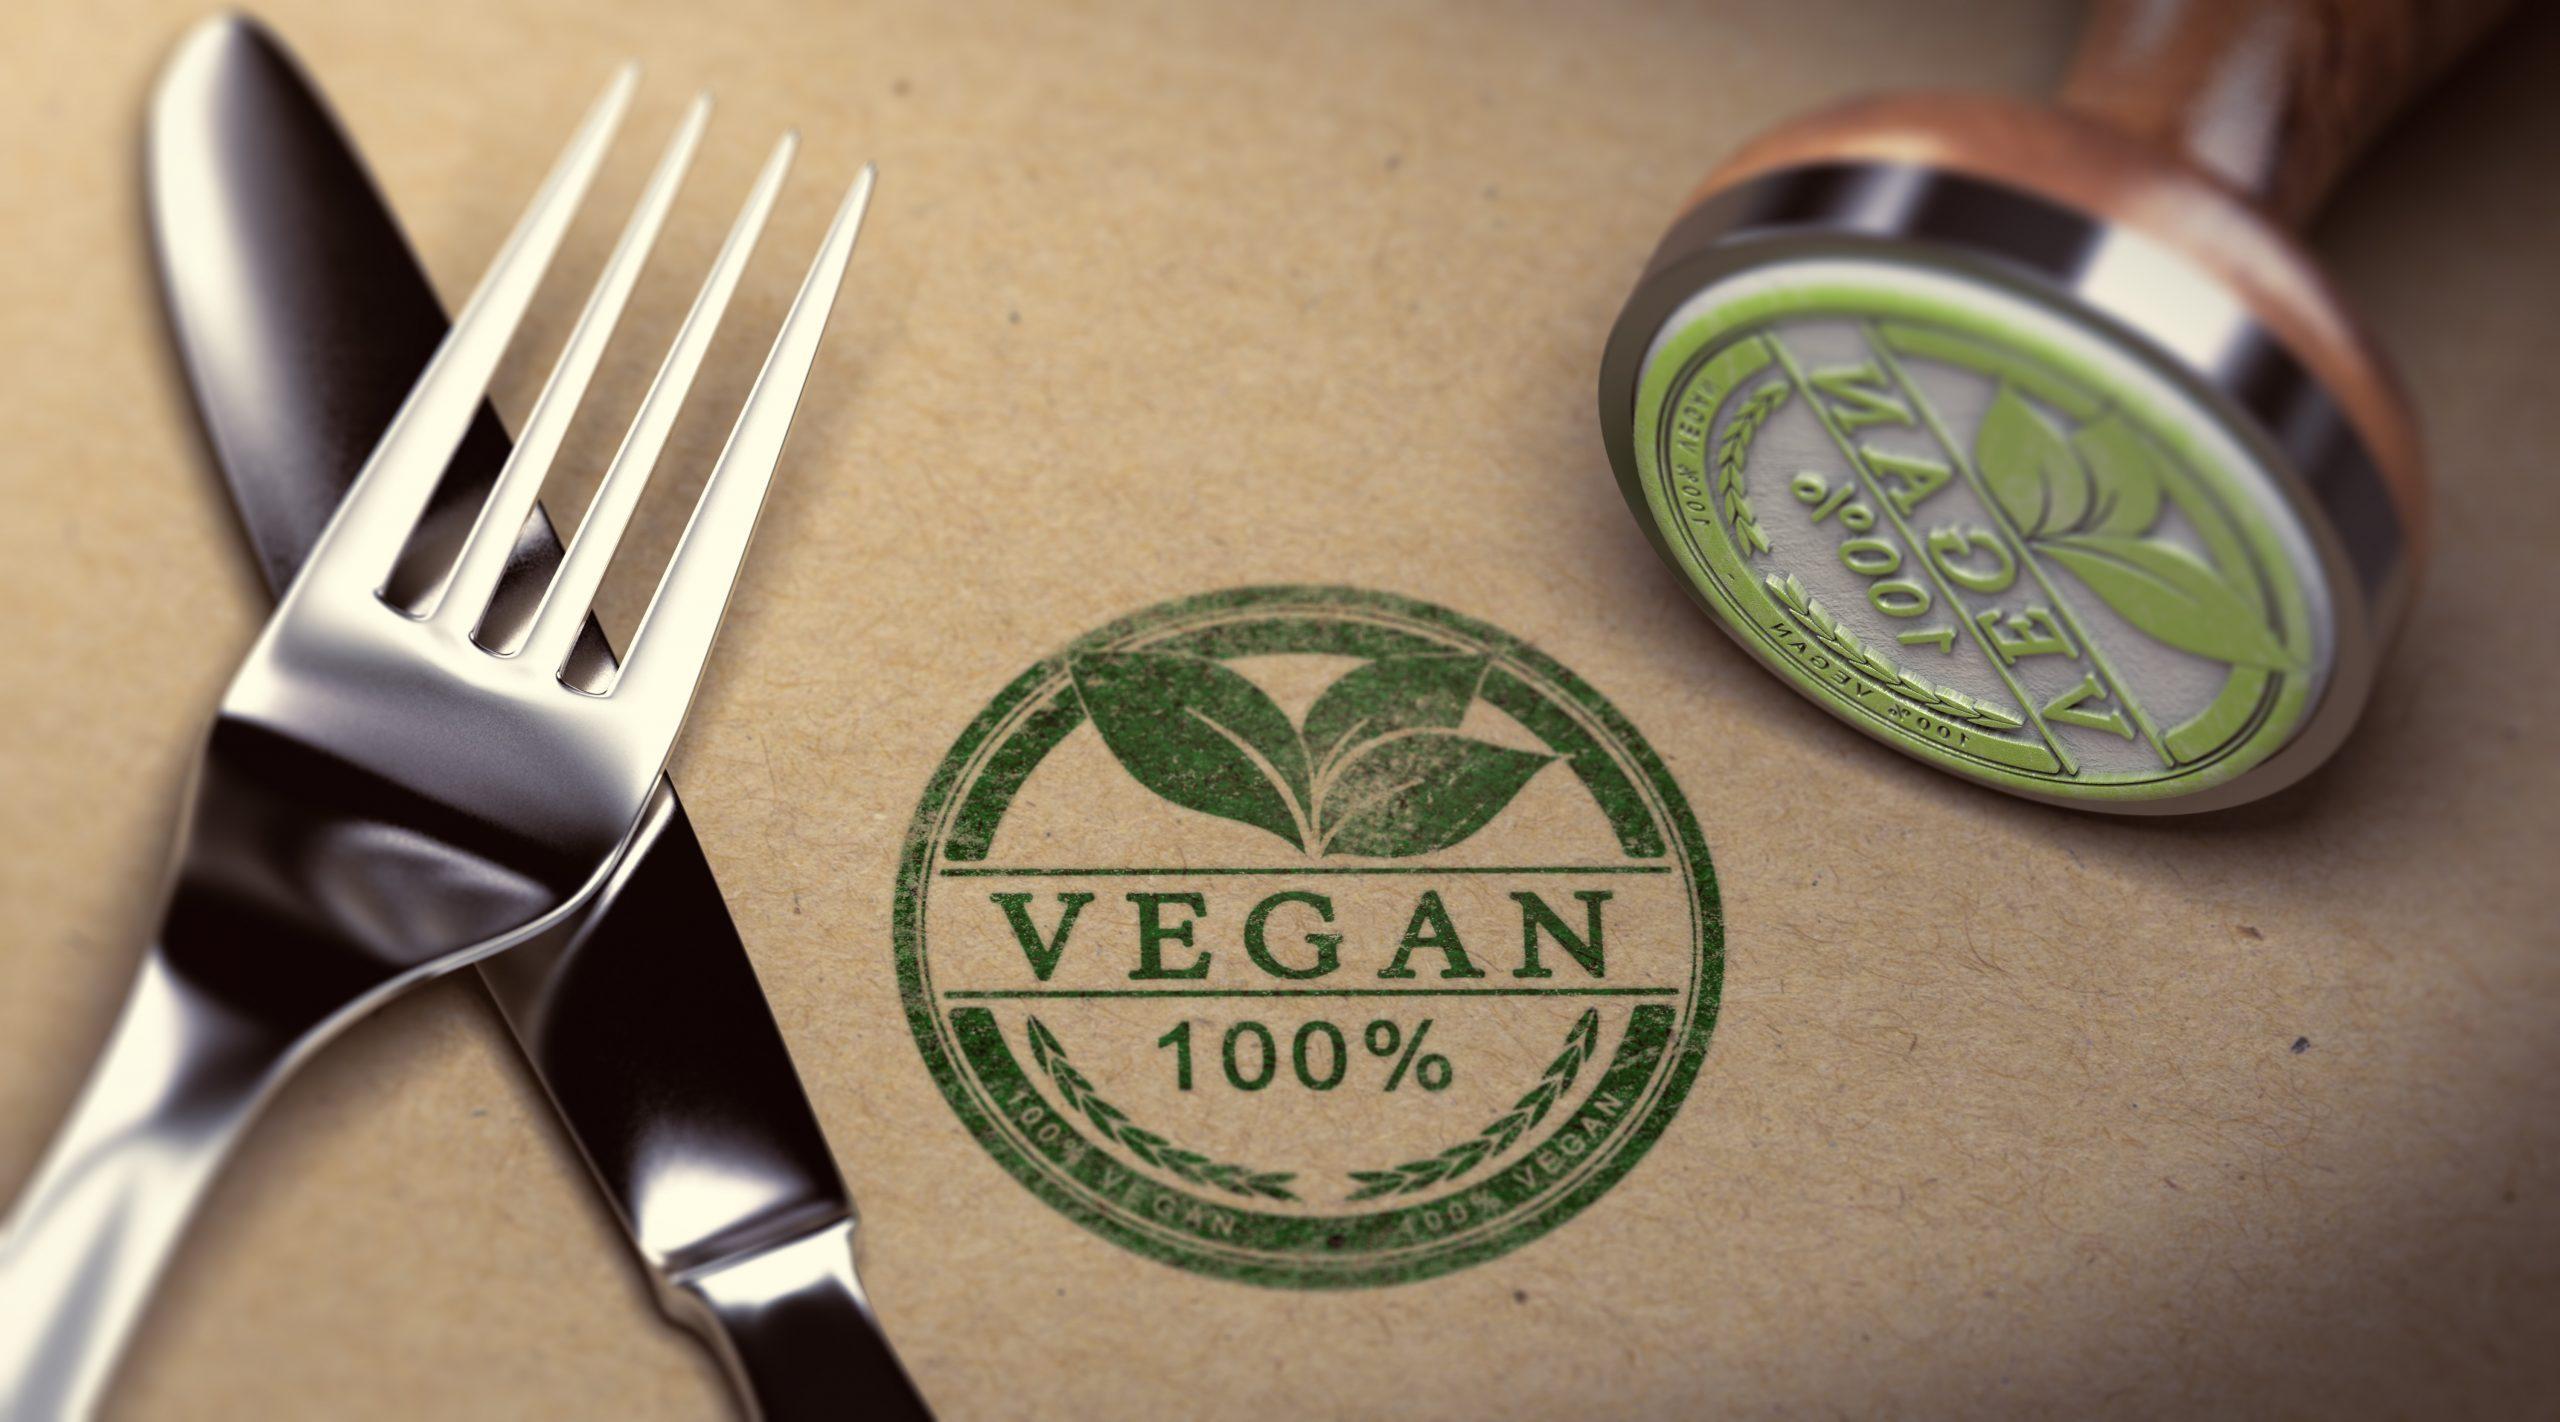 vegan stamp 100% fork knife